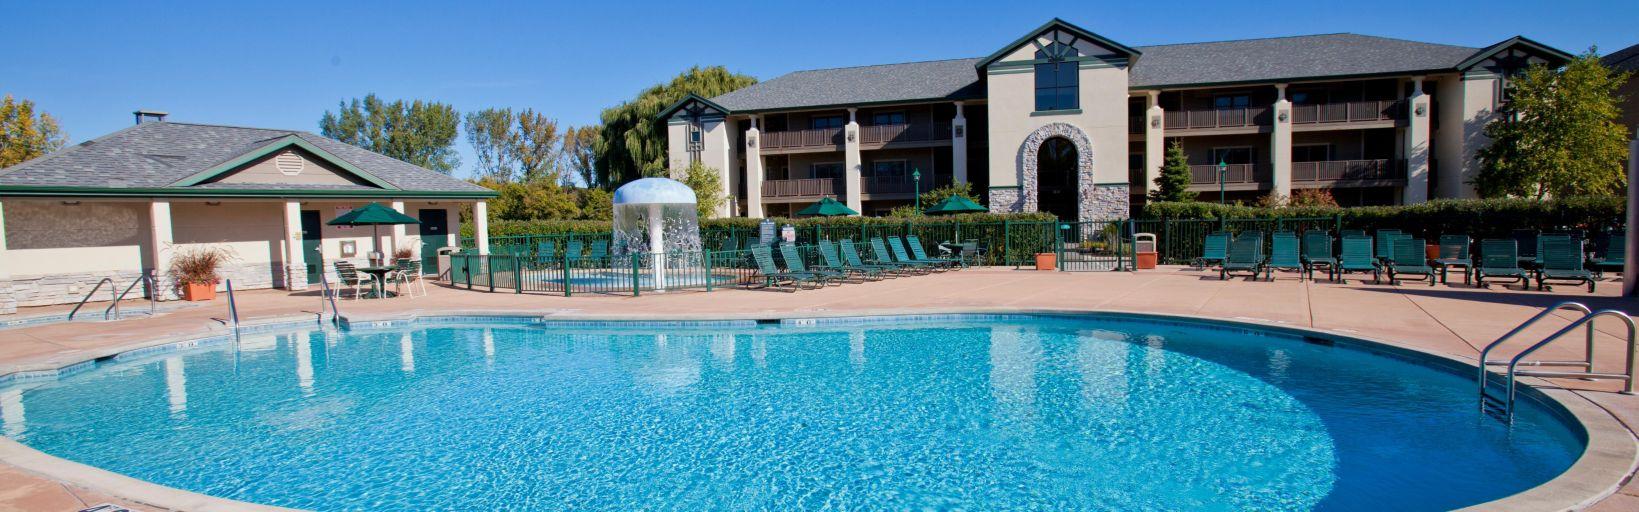 Holiday Inn Club Vacations at Lake Geneva image